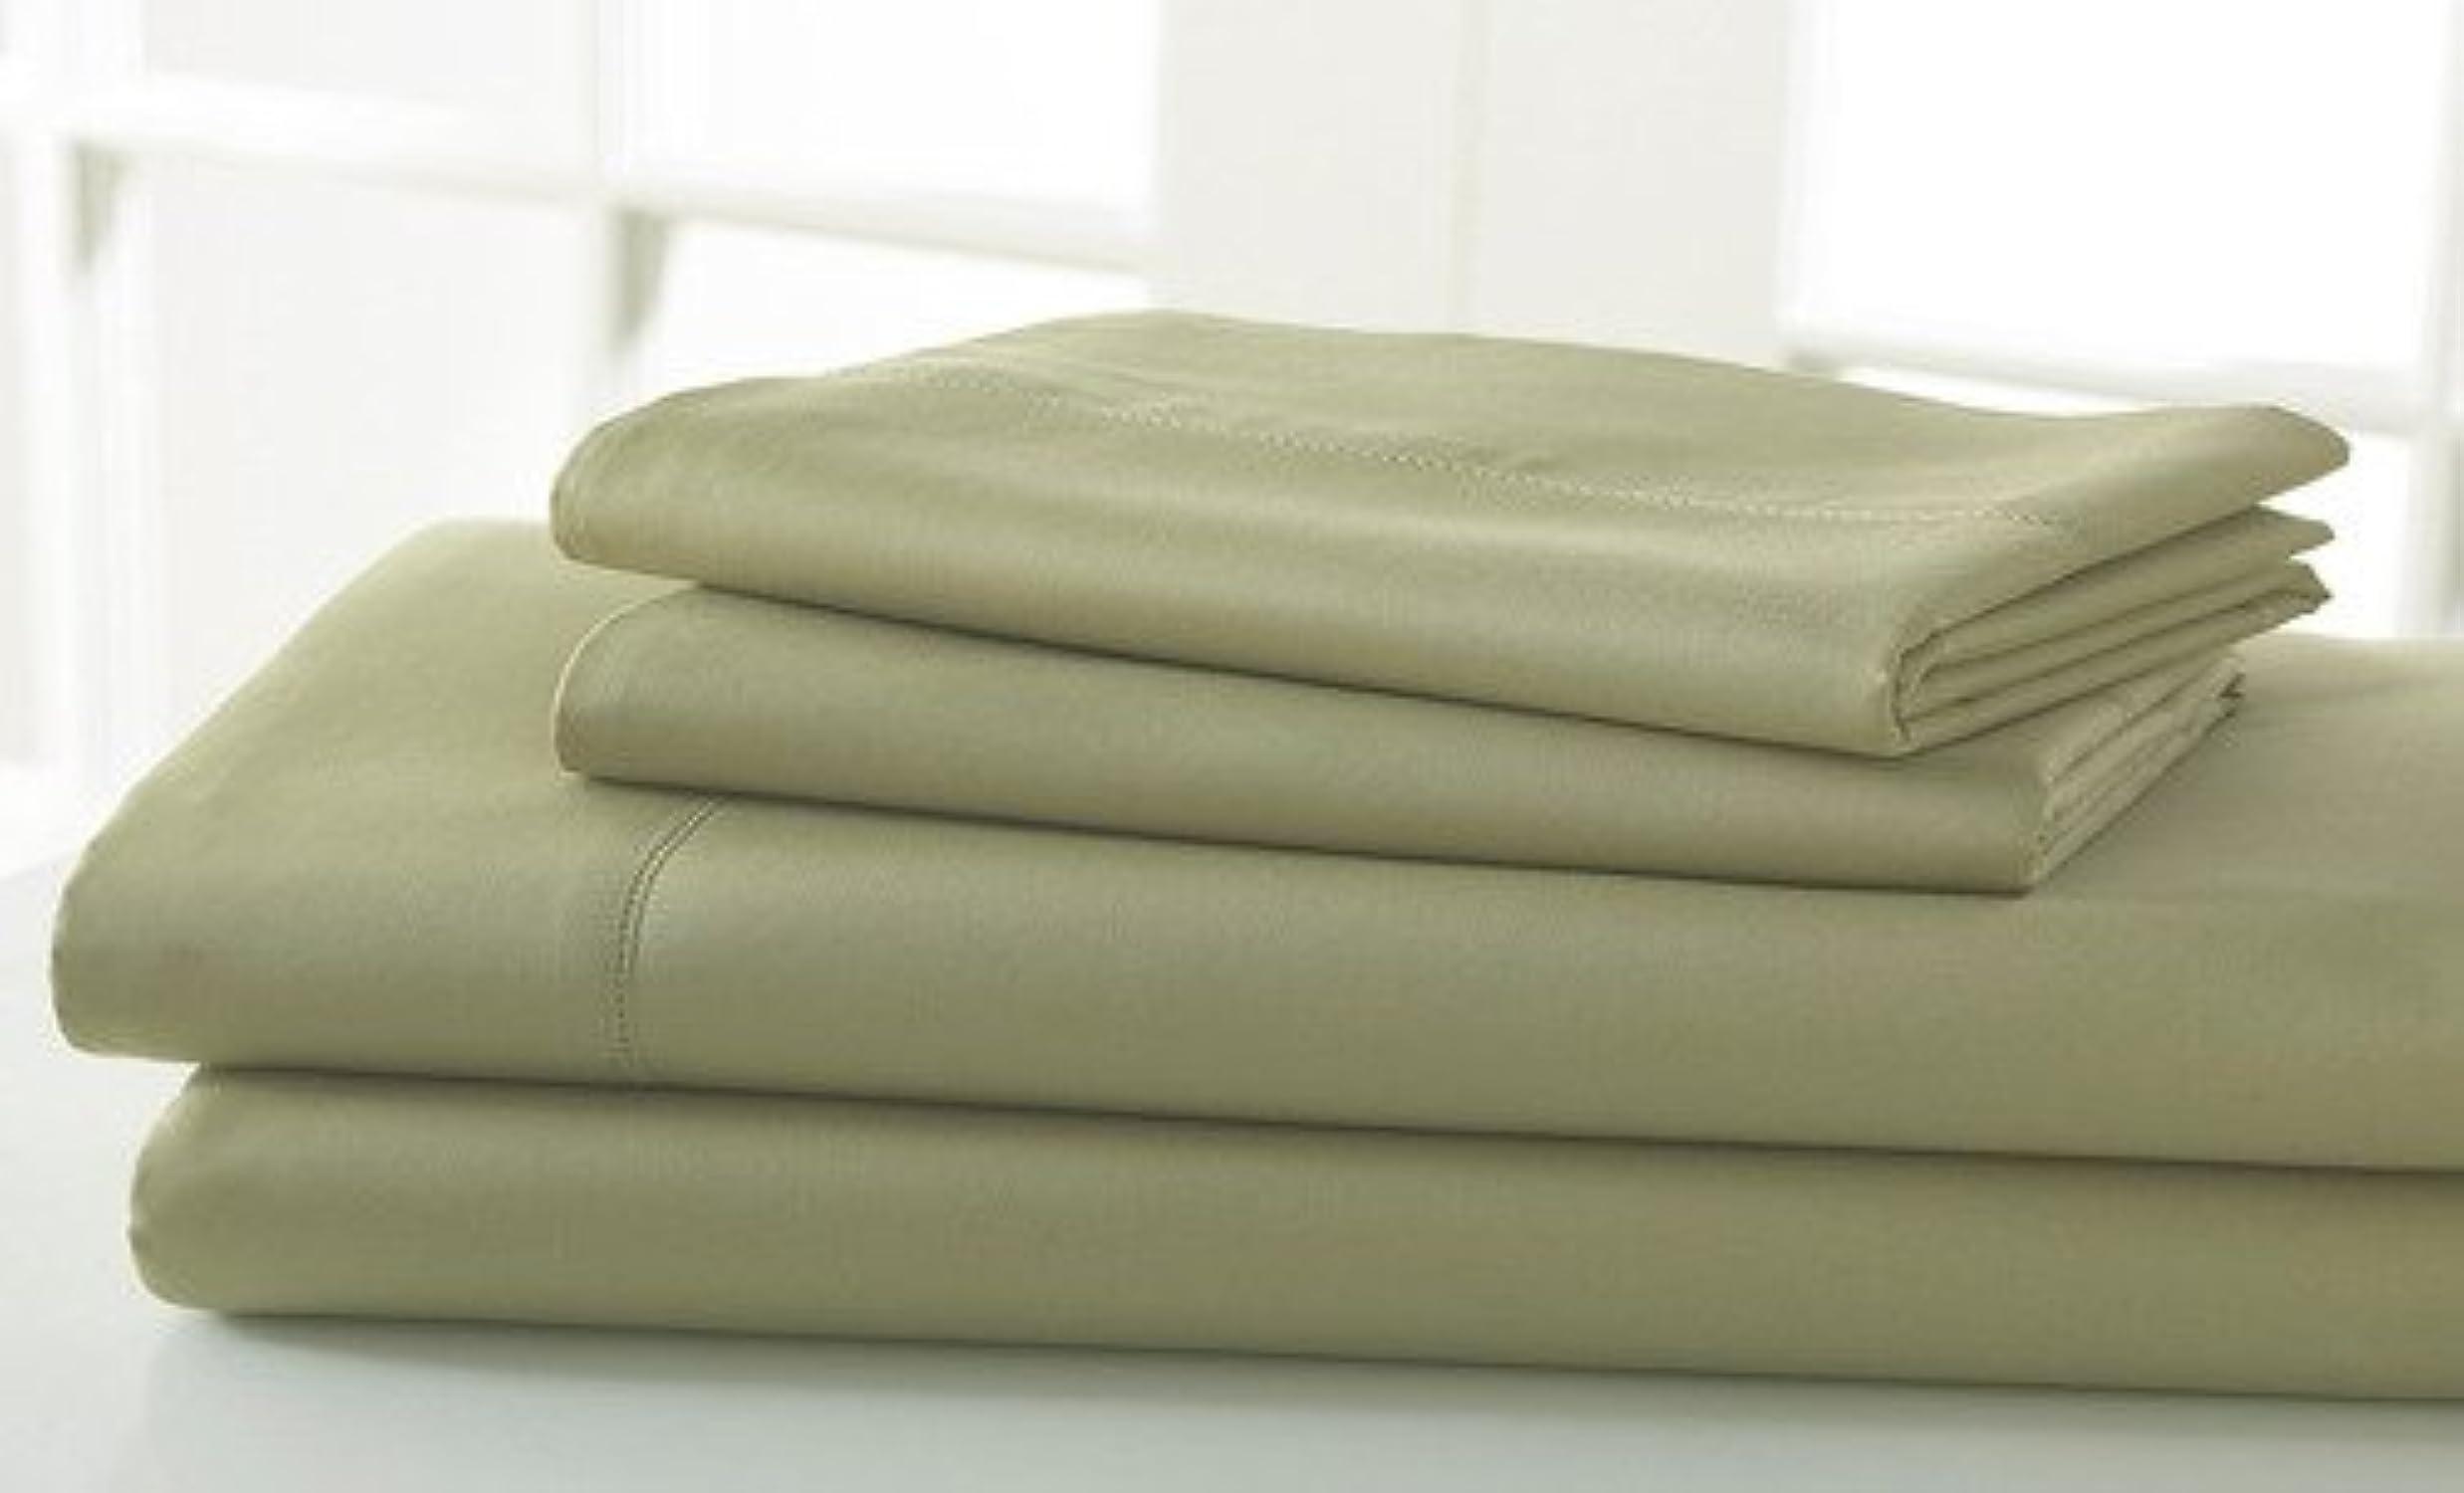 Dreamz Bedding Premium de qualité Lit en Coton égypcravaten de lit 76,2cm Poche Profonde suppléHommestaire Euro L Unique, Mousse, Olive Solide, Scala 100% Coton Parure de lit